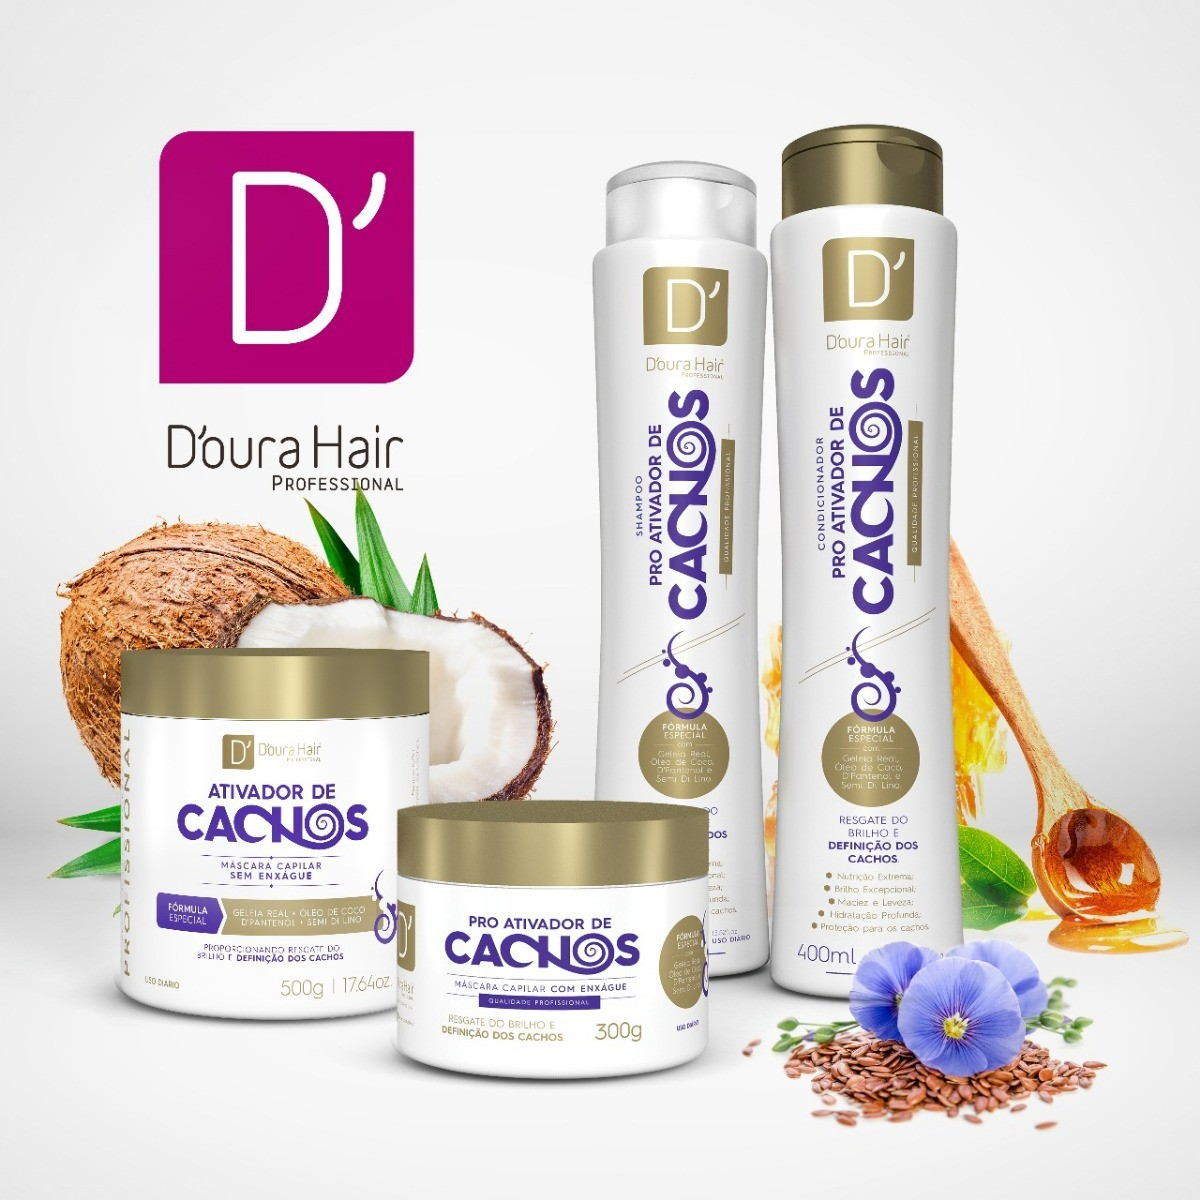 Kit Ativador de Cachos Doura Hair ( 4 itens)